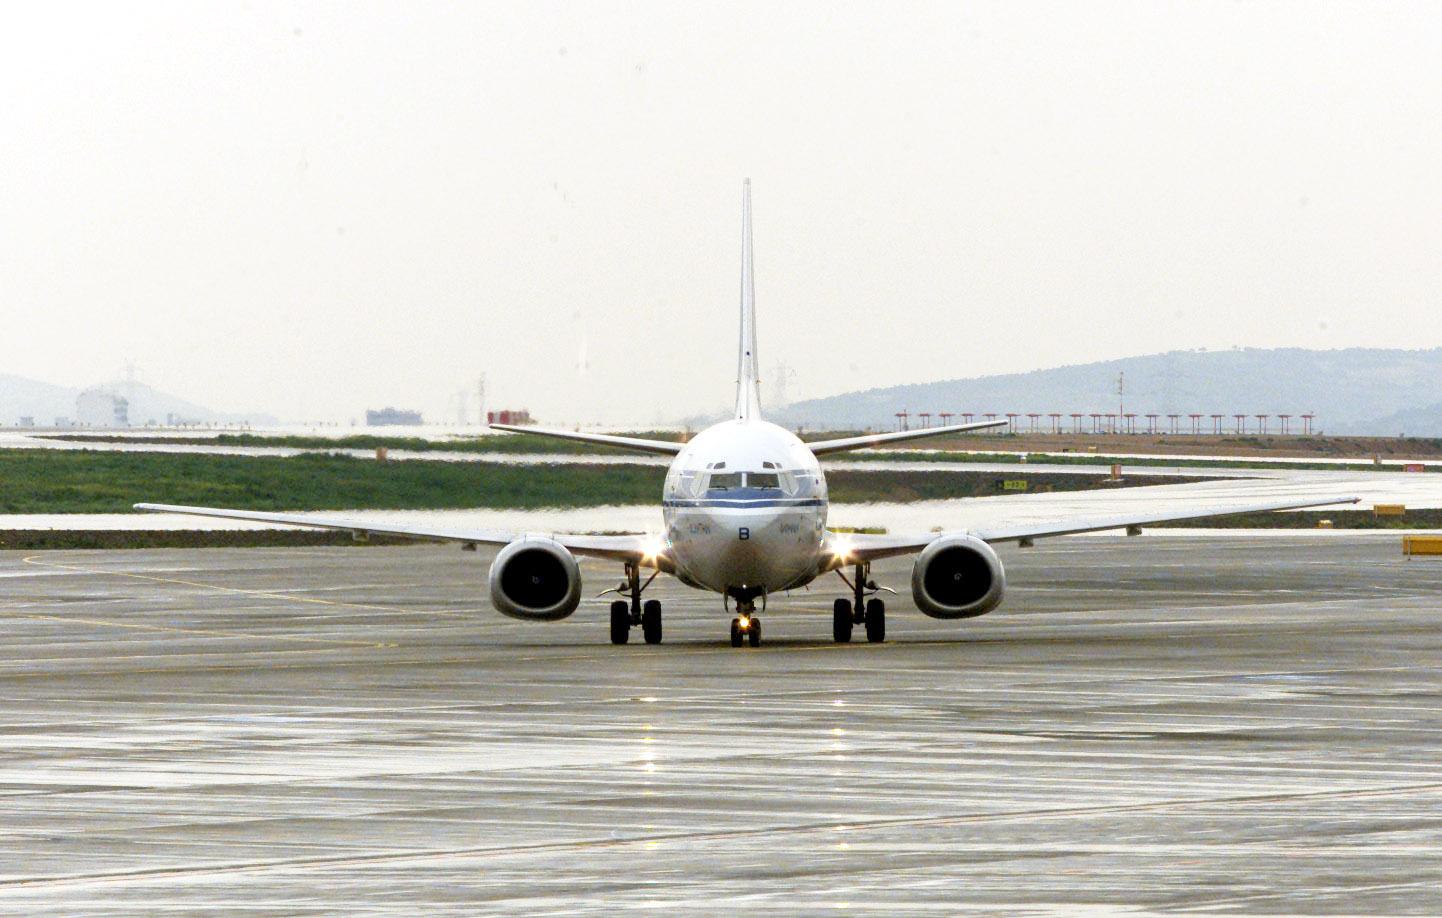 Κρήτη: Αγωνία στον αέρα! Αεροπλάνο δεν μπορούσε να προσγειωθεί στο Ηράκλειο λόγω ανέμων